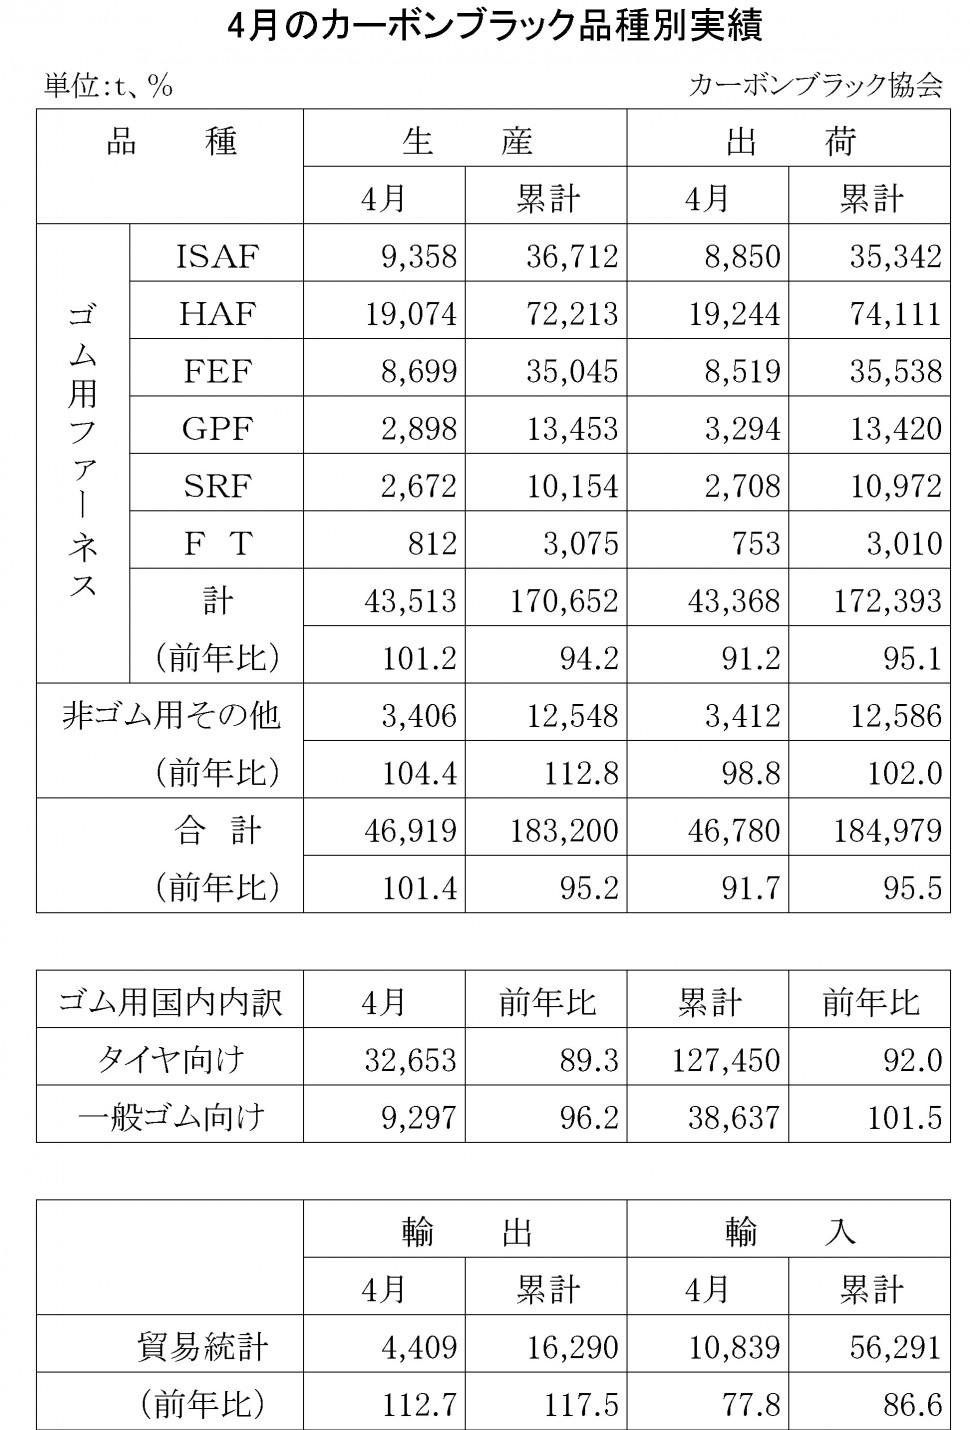 2016年4月のカーボンブラック品種別実績 (1)